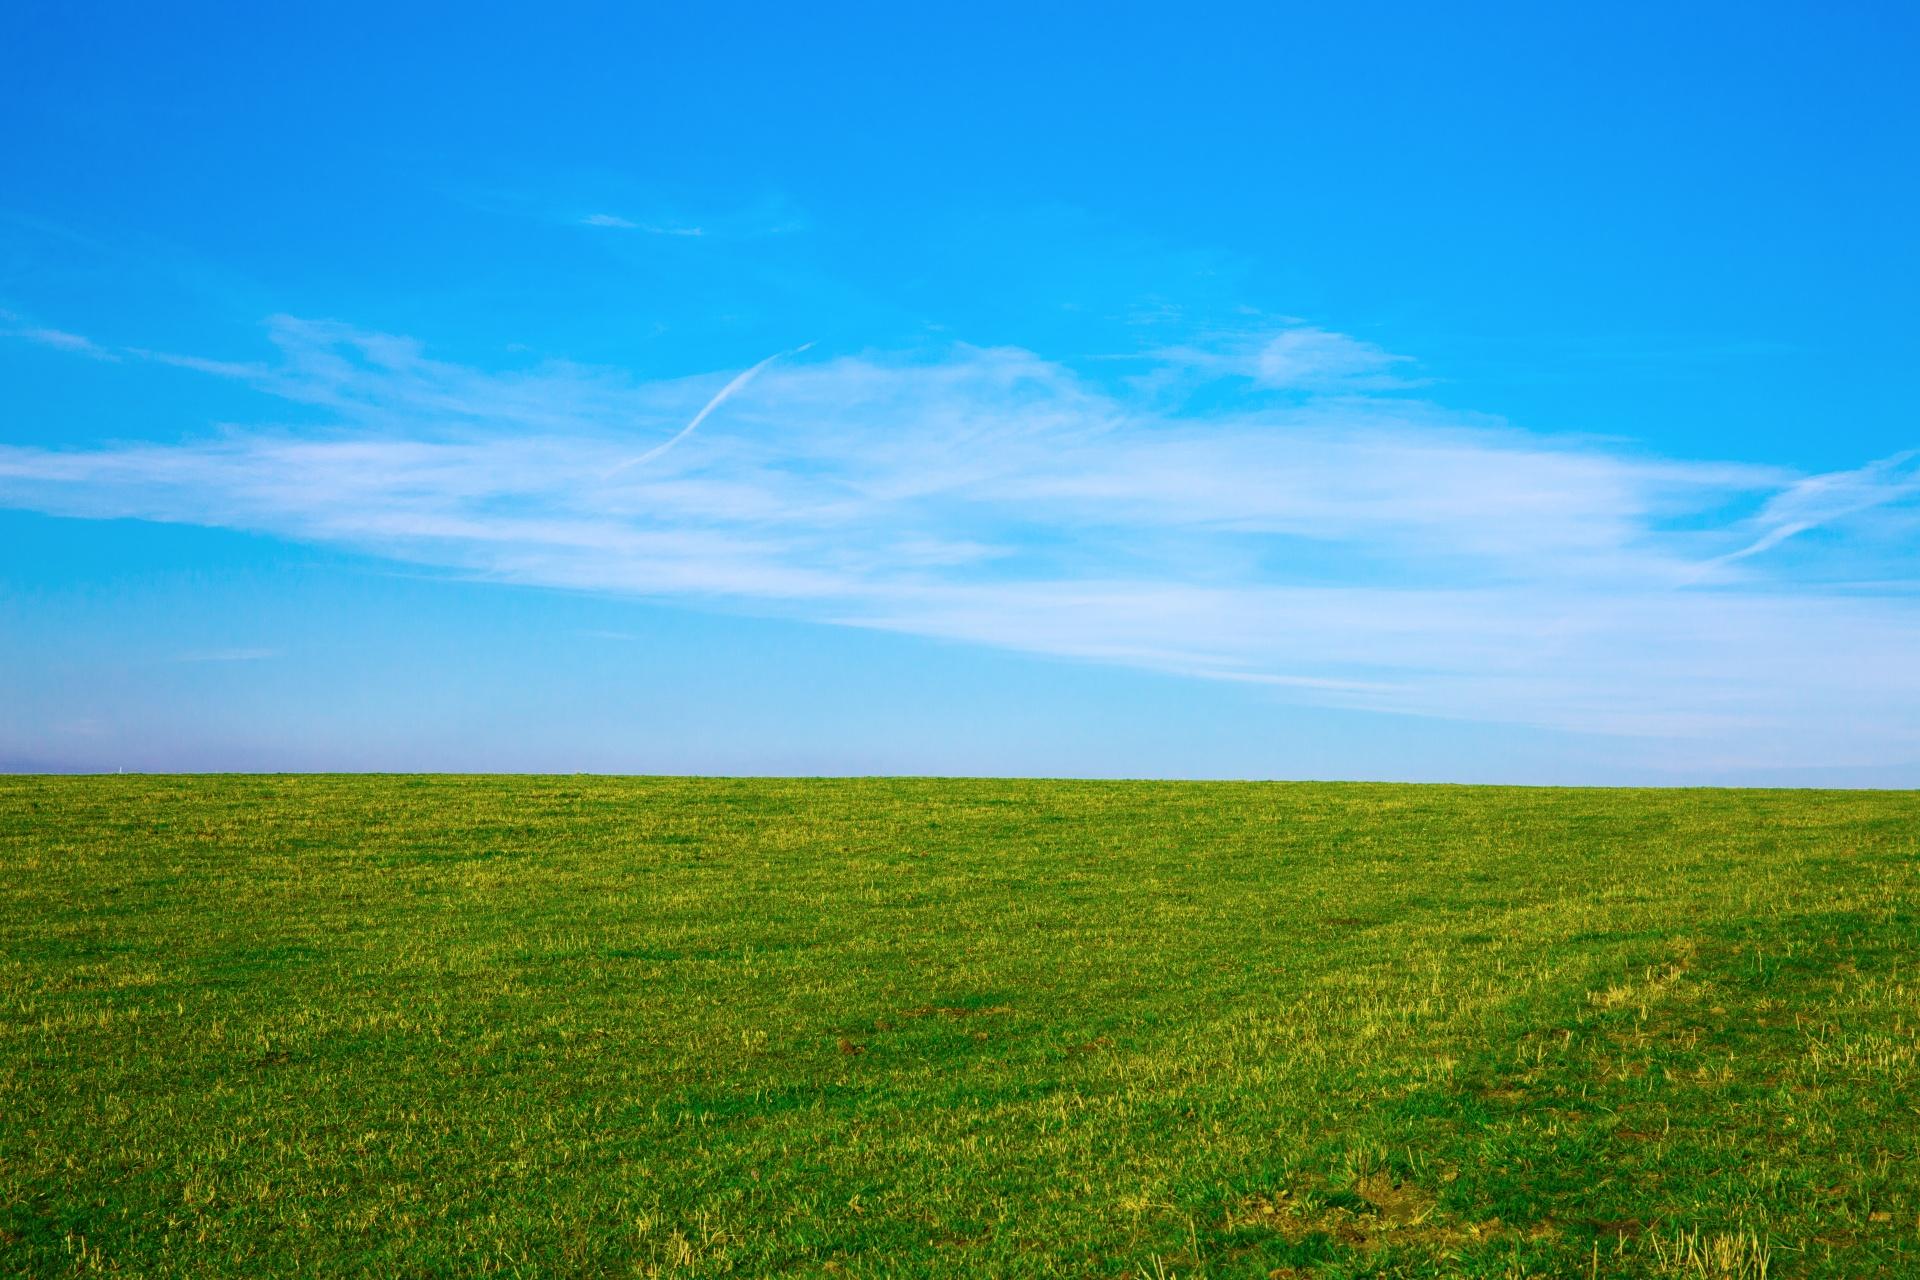 Field #1